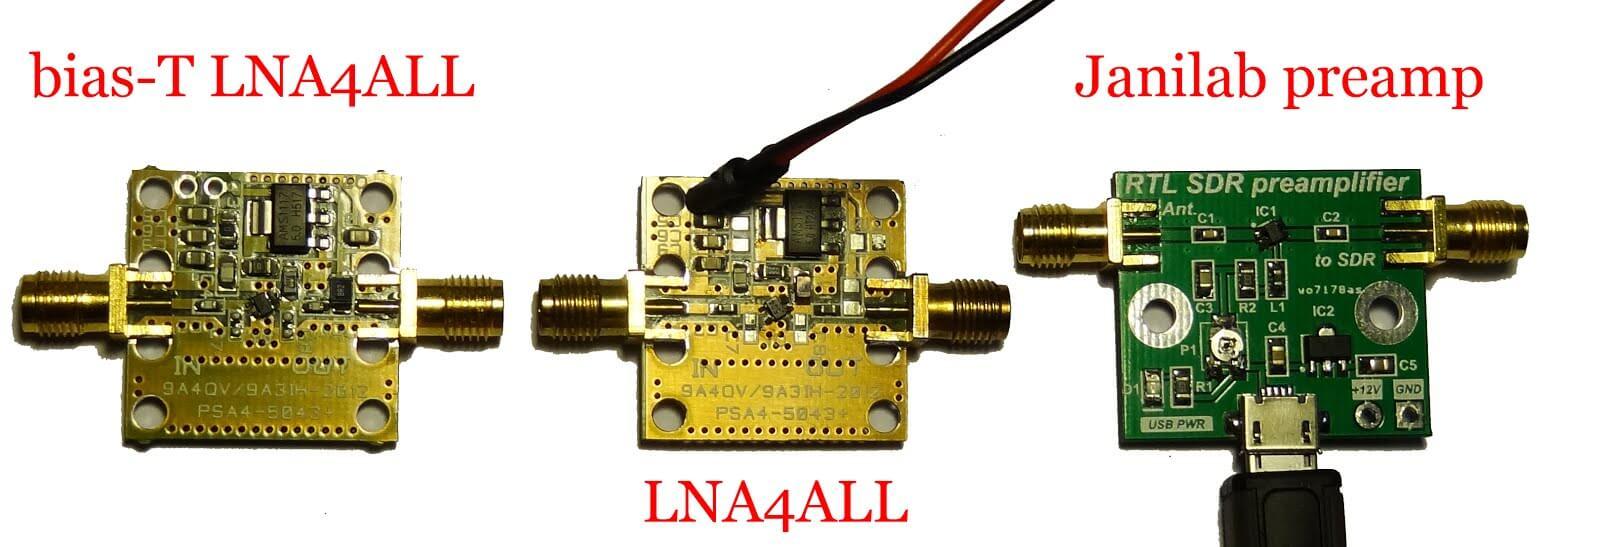 Preamp Uhf Preamplifier The Lna4all And Lna4hf Vs Janilab